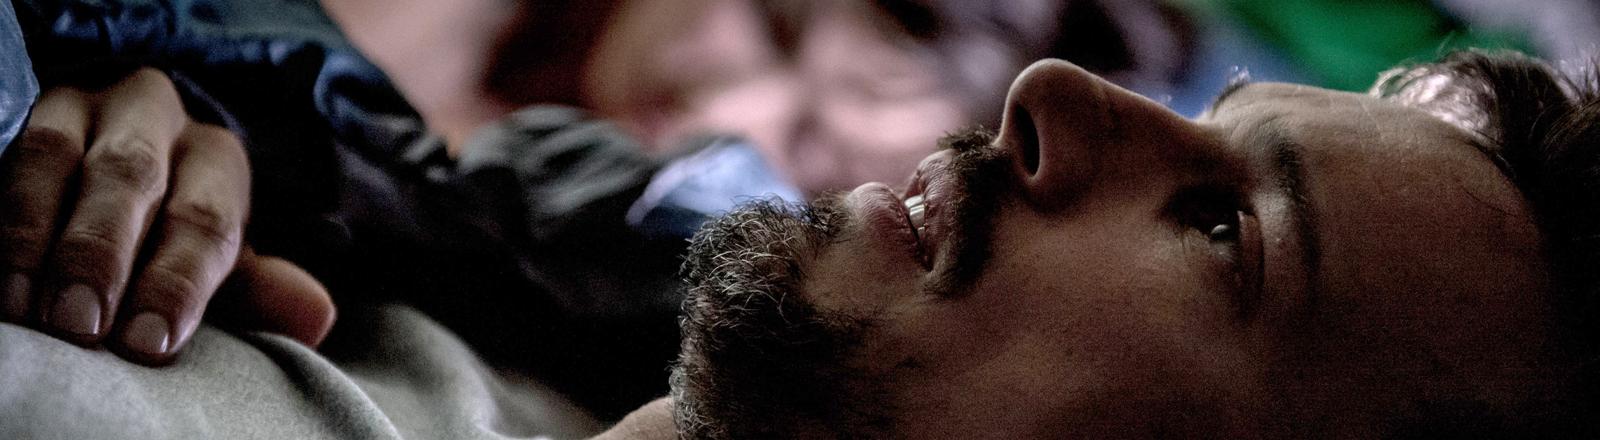 """Hannes (Florian David Fitz) und seine Frau Kiki (Julia Koschitz) in einer Szene des Kinofilms """"Hin und weg"""""""